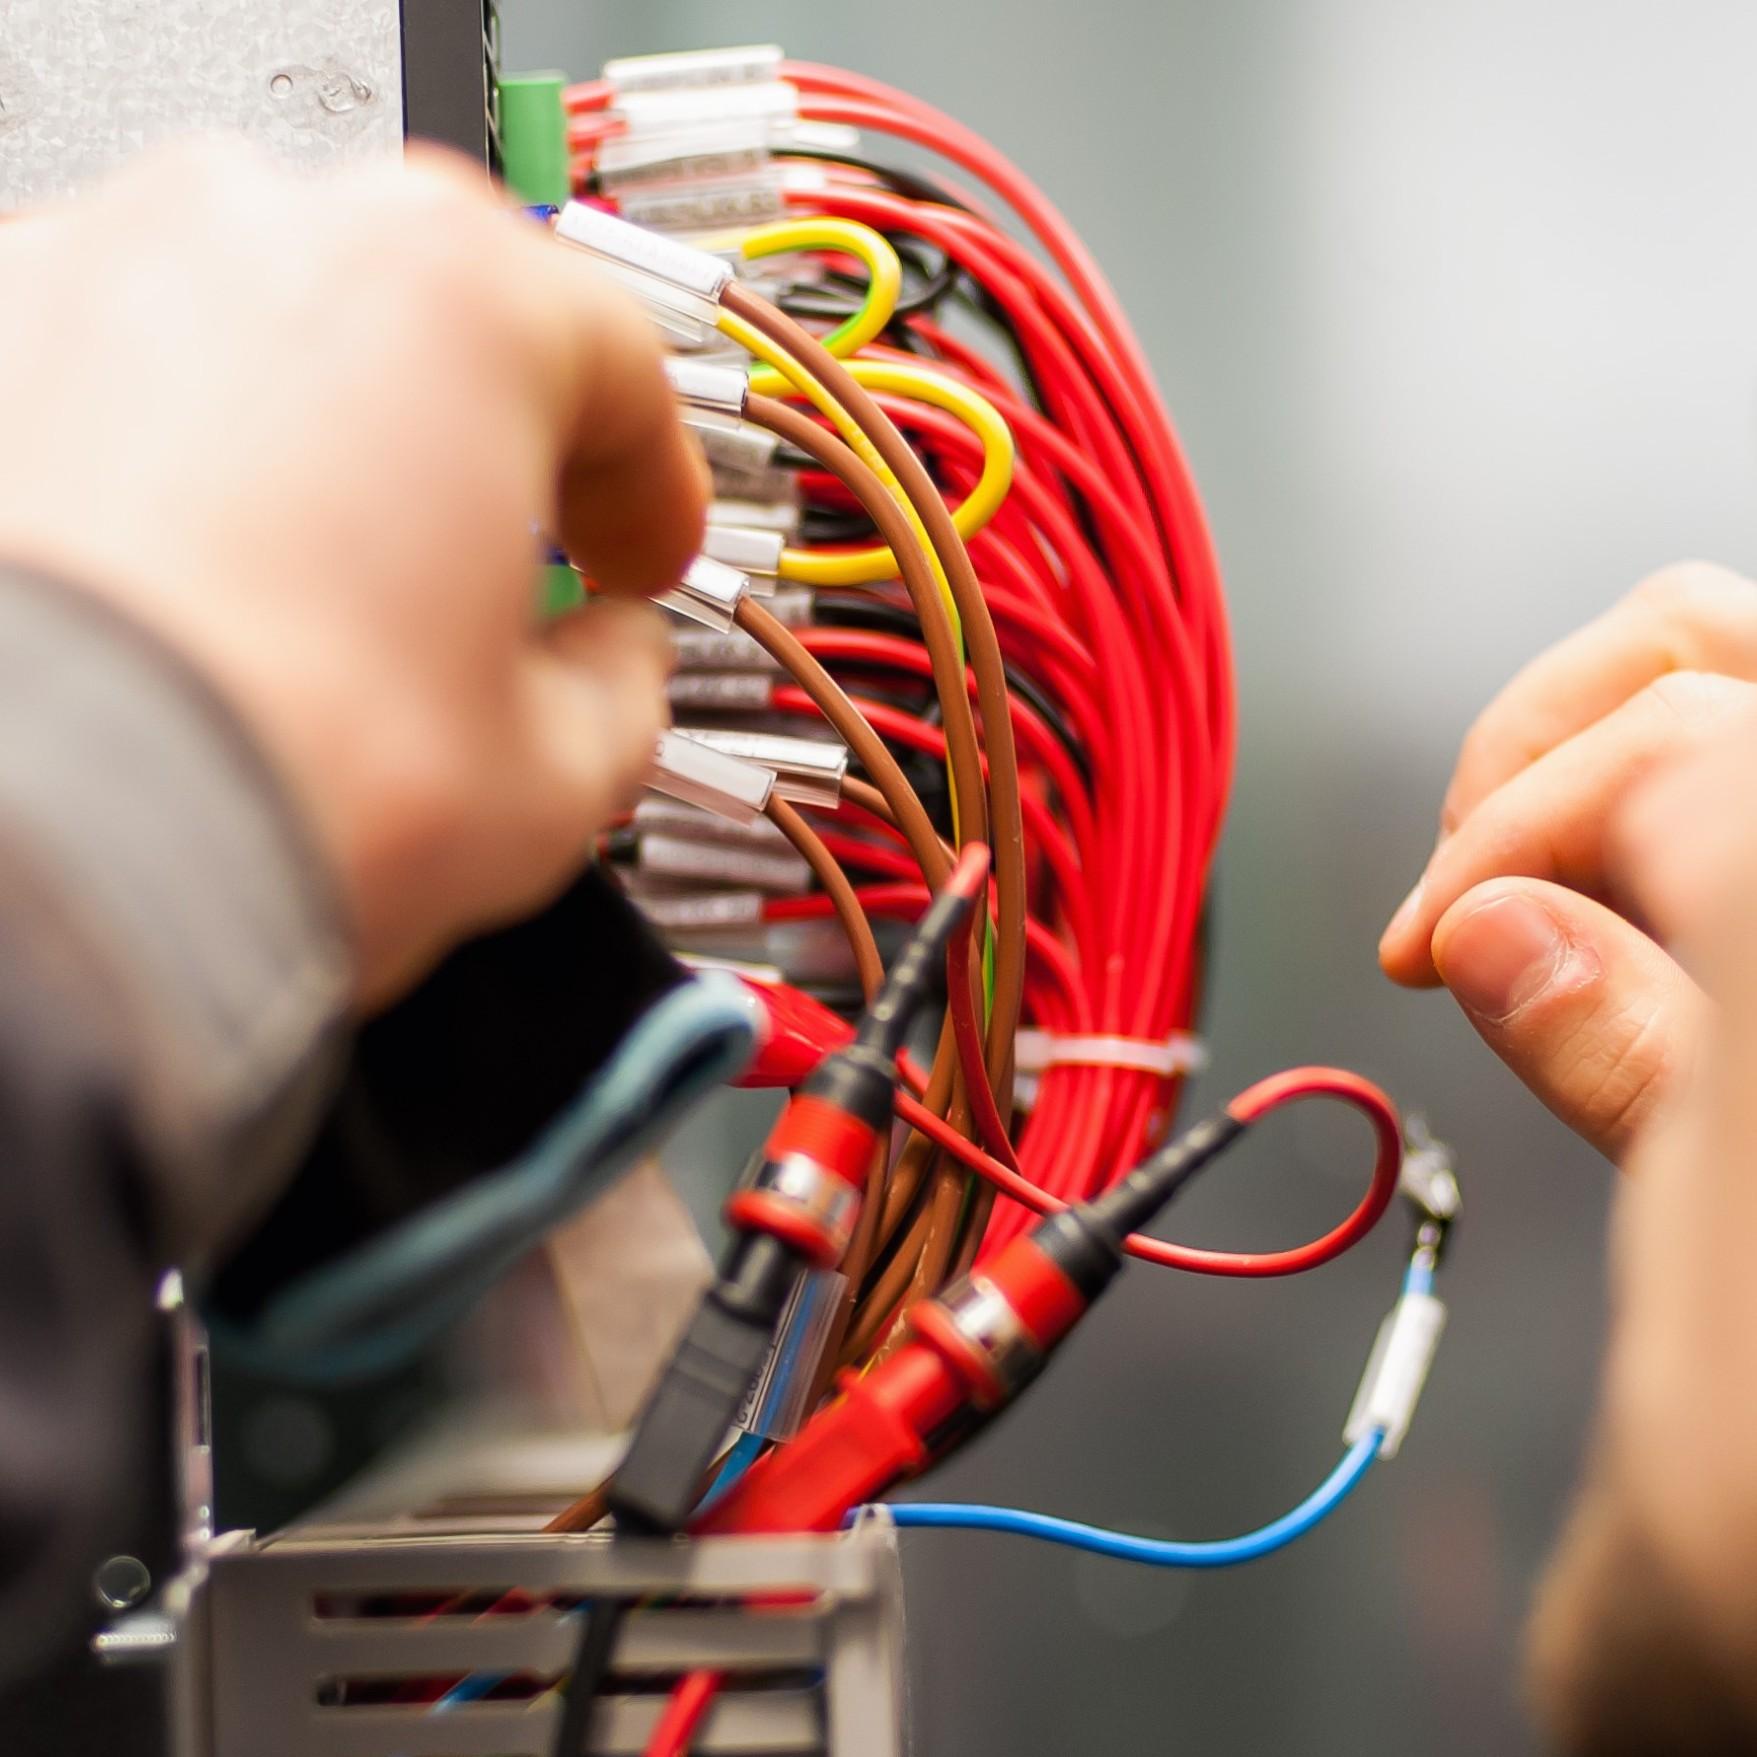 Formation Perfectionnement en électricité pour exercer le métier d'électricien